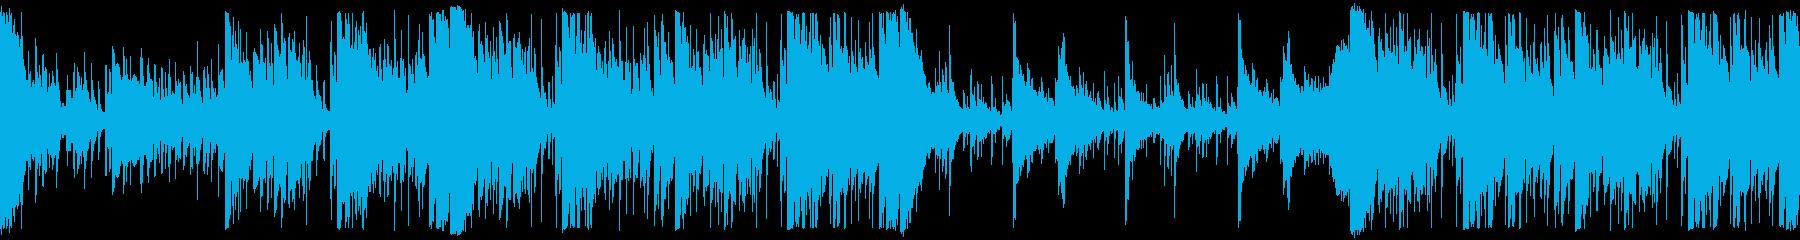 民族音楽ノリの壮大なオーケストラビートの再生済みの波形